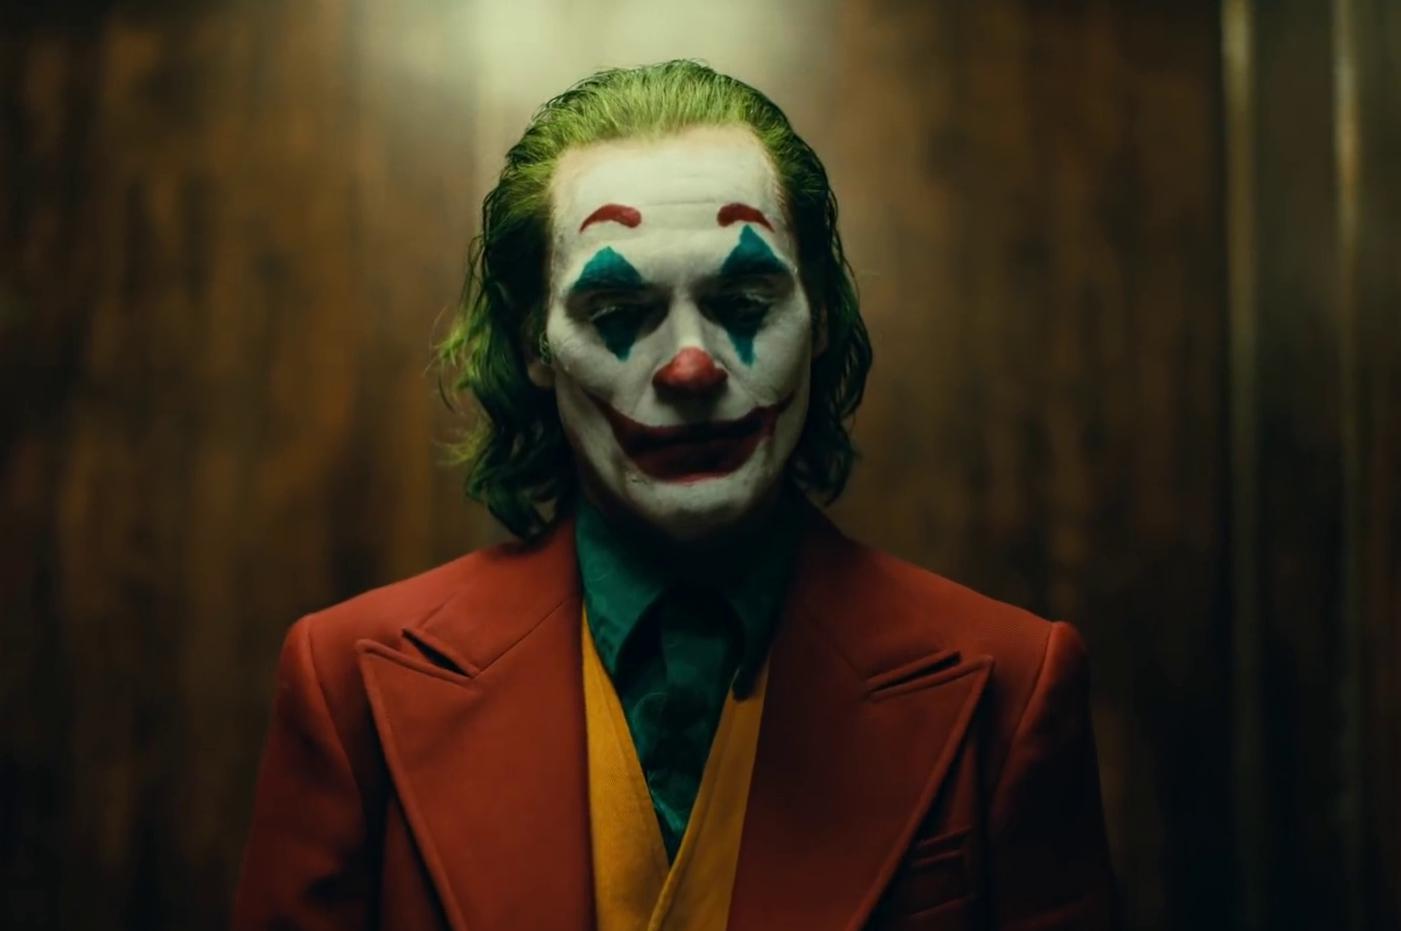 Le réalisateur du Joker a proposé deux autres films à DC Comics